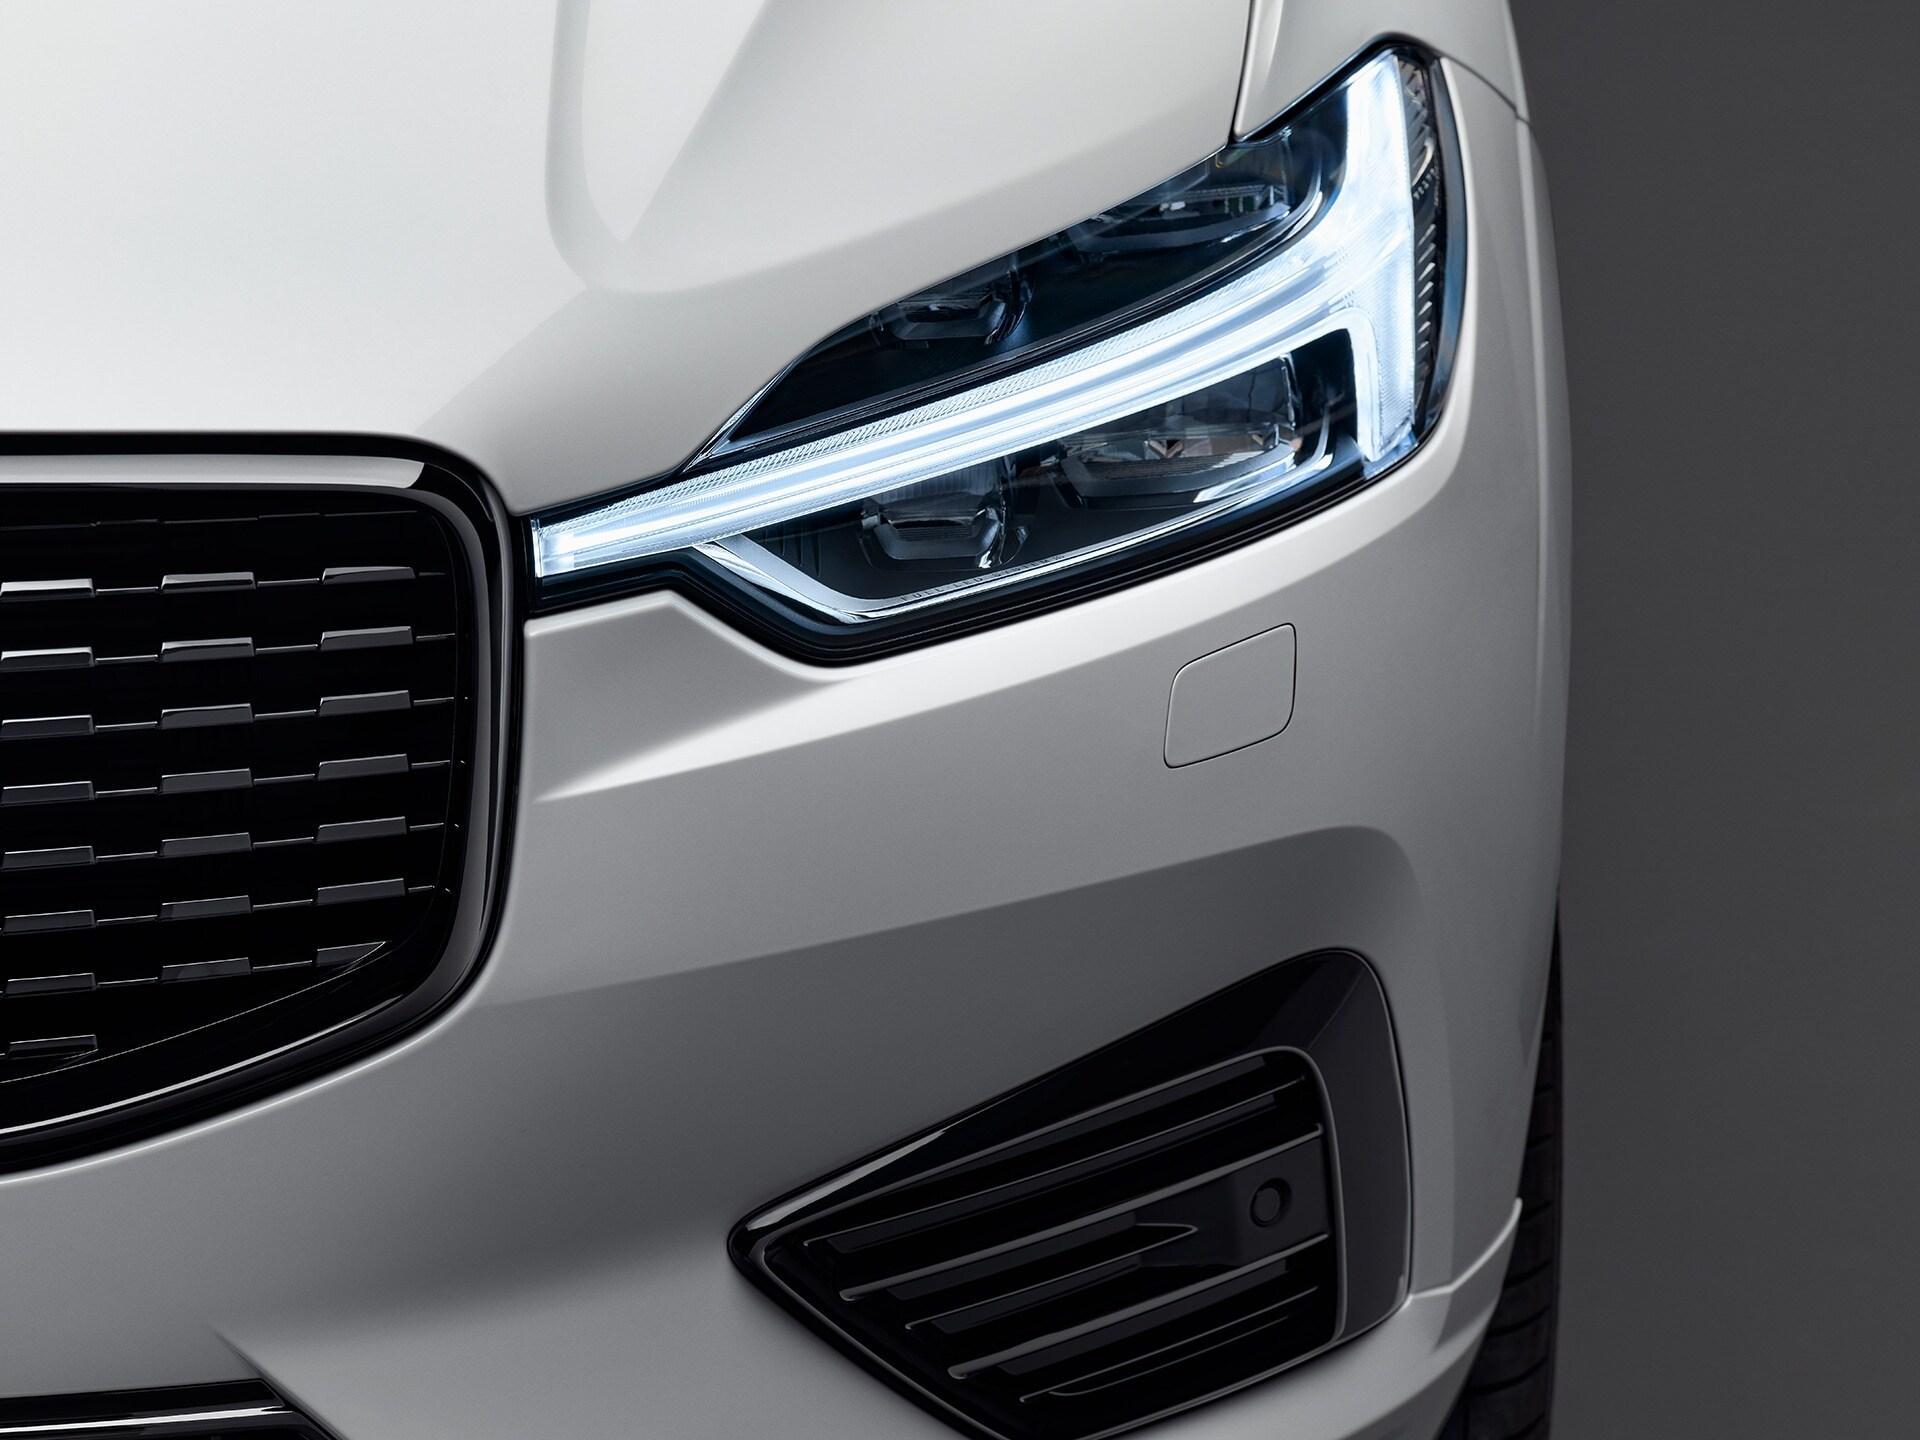 El exterior frontal de un Volvo XC60 blanco